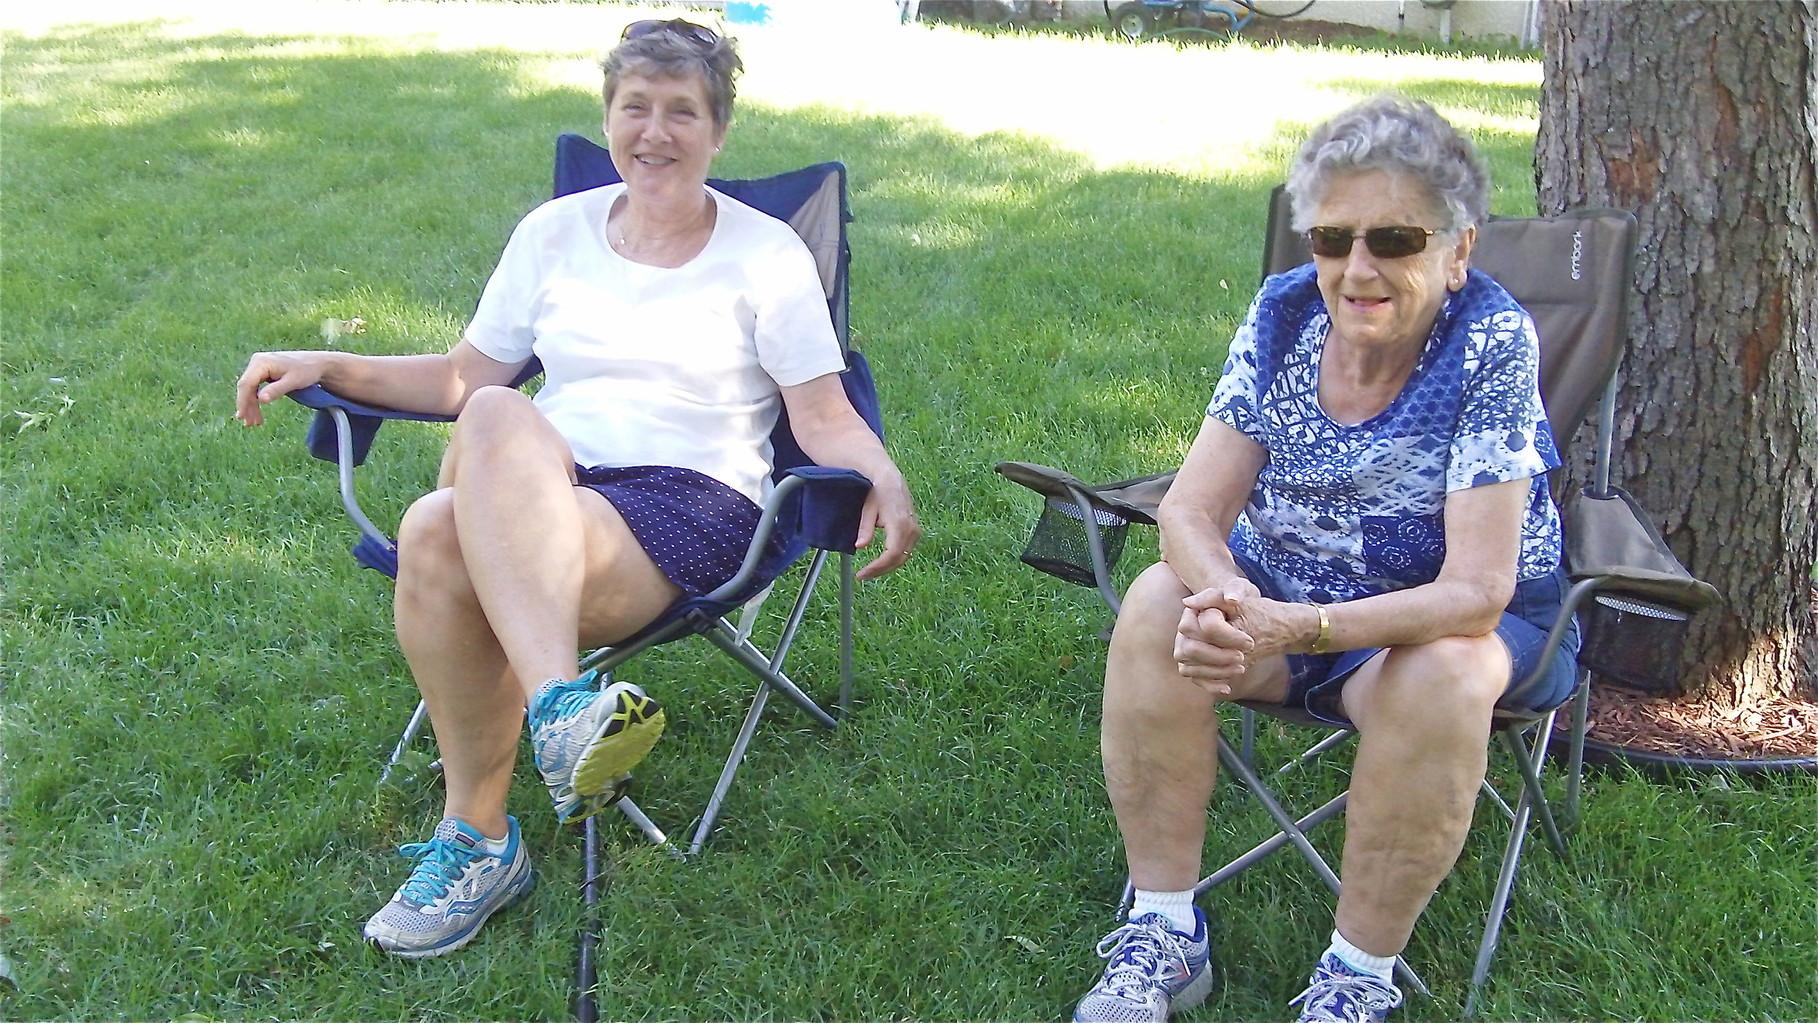 Cindy & Mary Lou keep score.